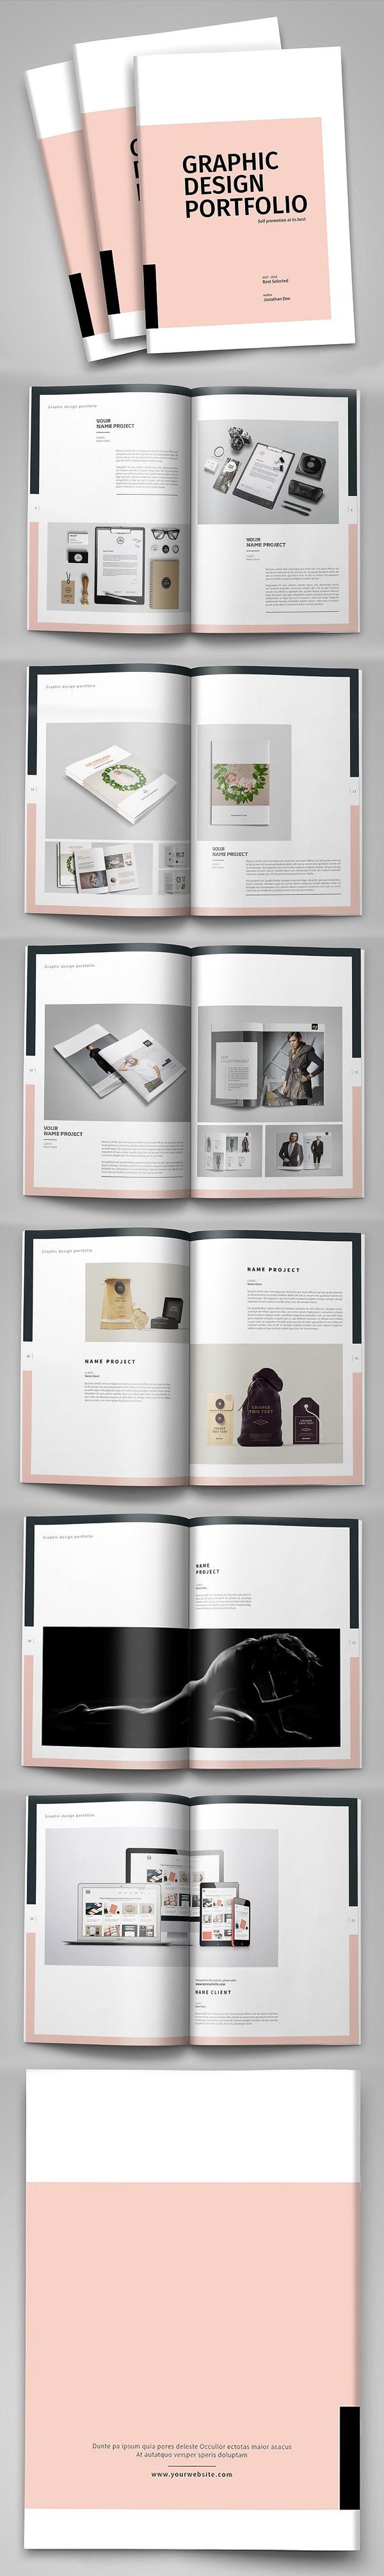 Minimal Design Portfolio Template